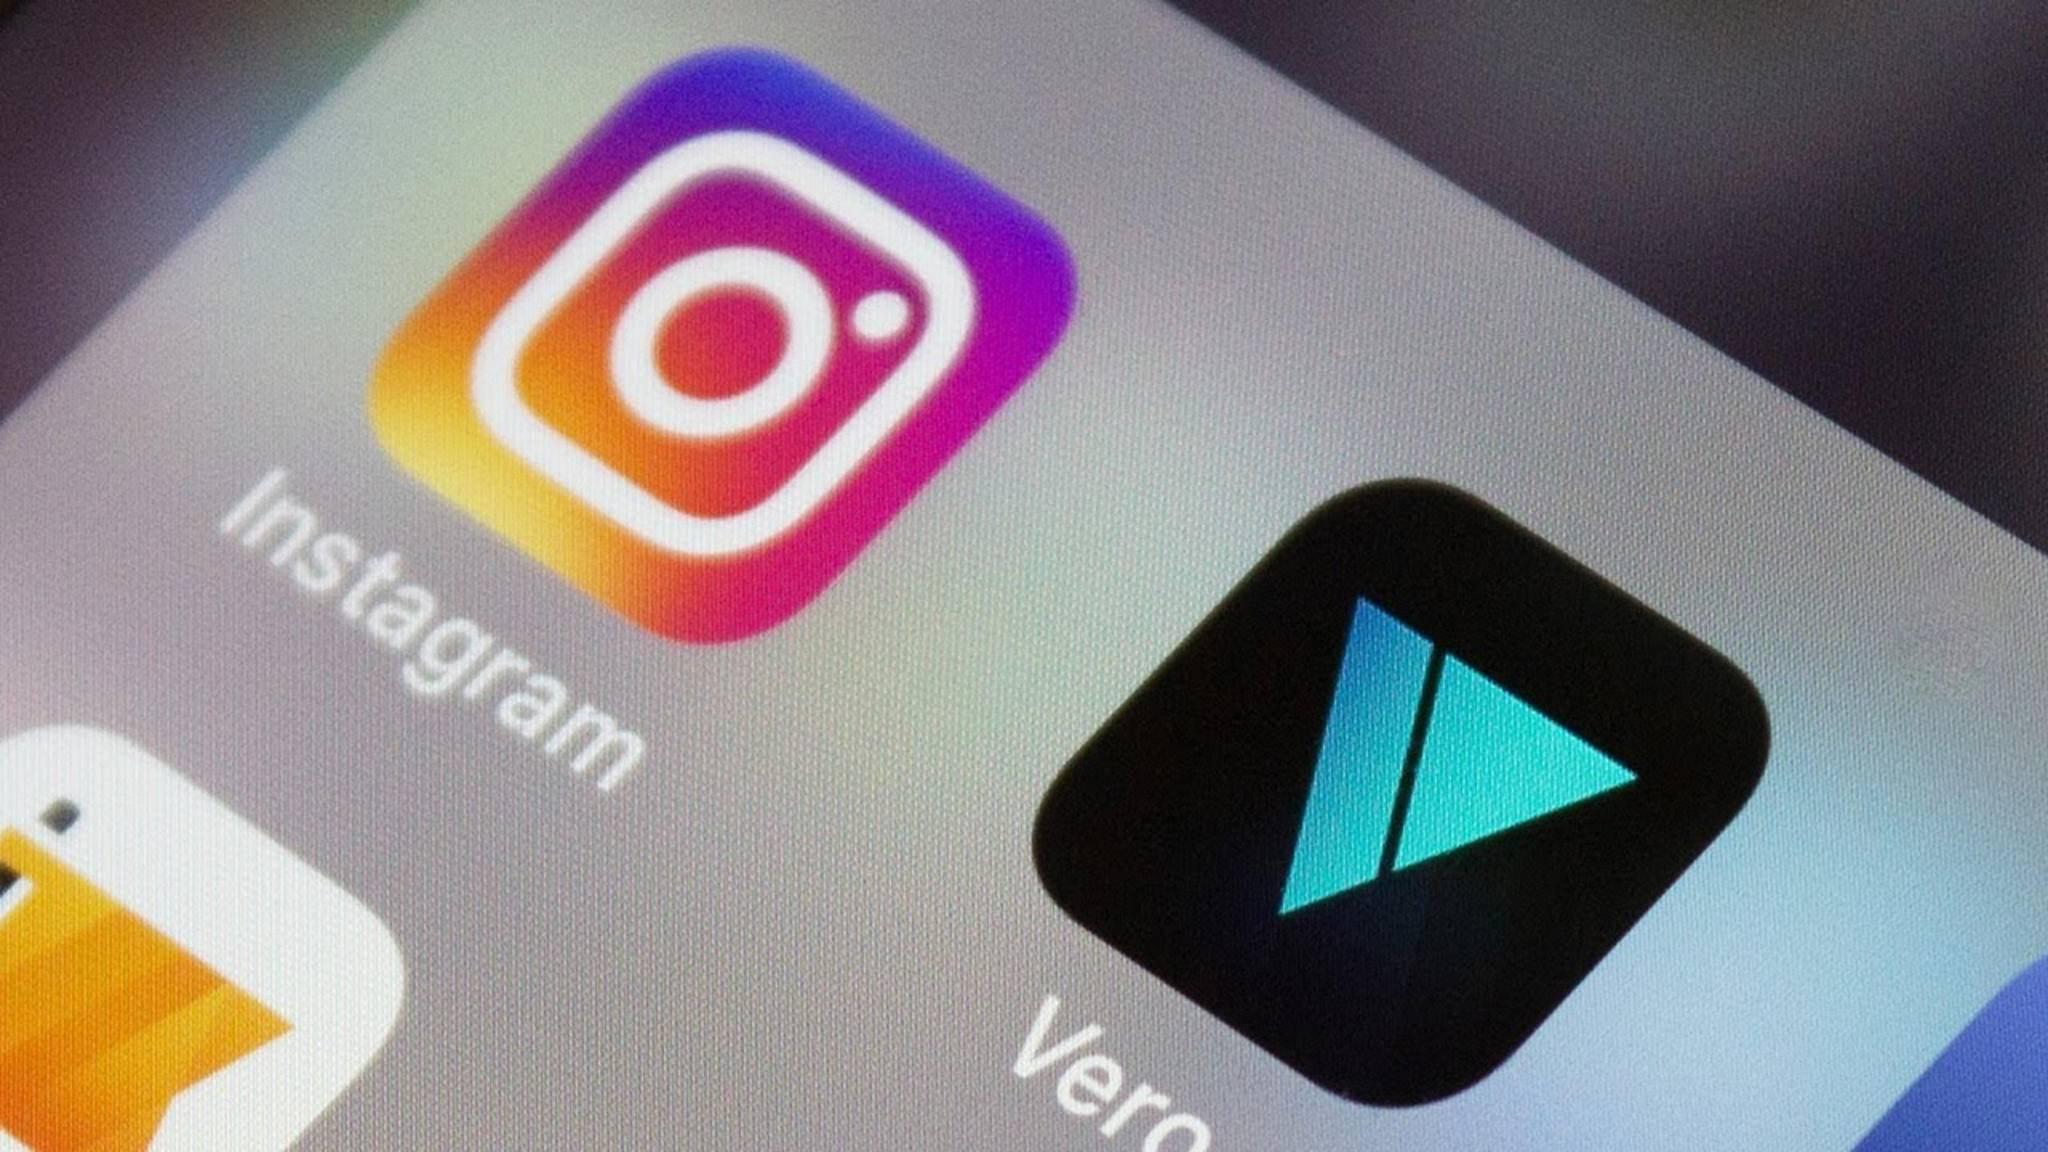 Viele Instagrammer haben in den letzten Tagen für Vero geworben.